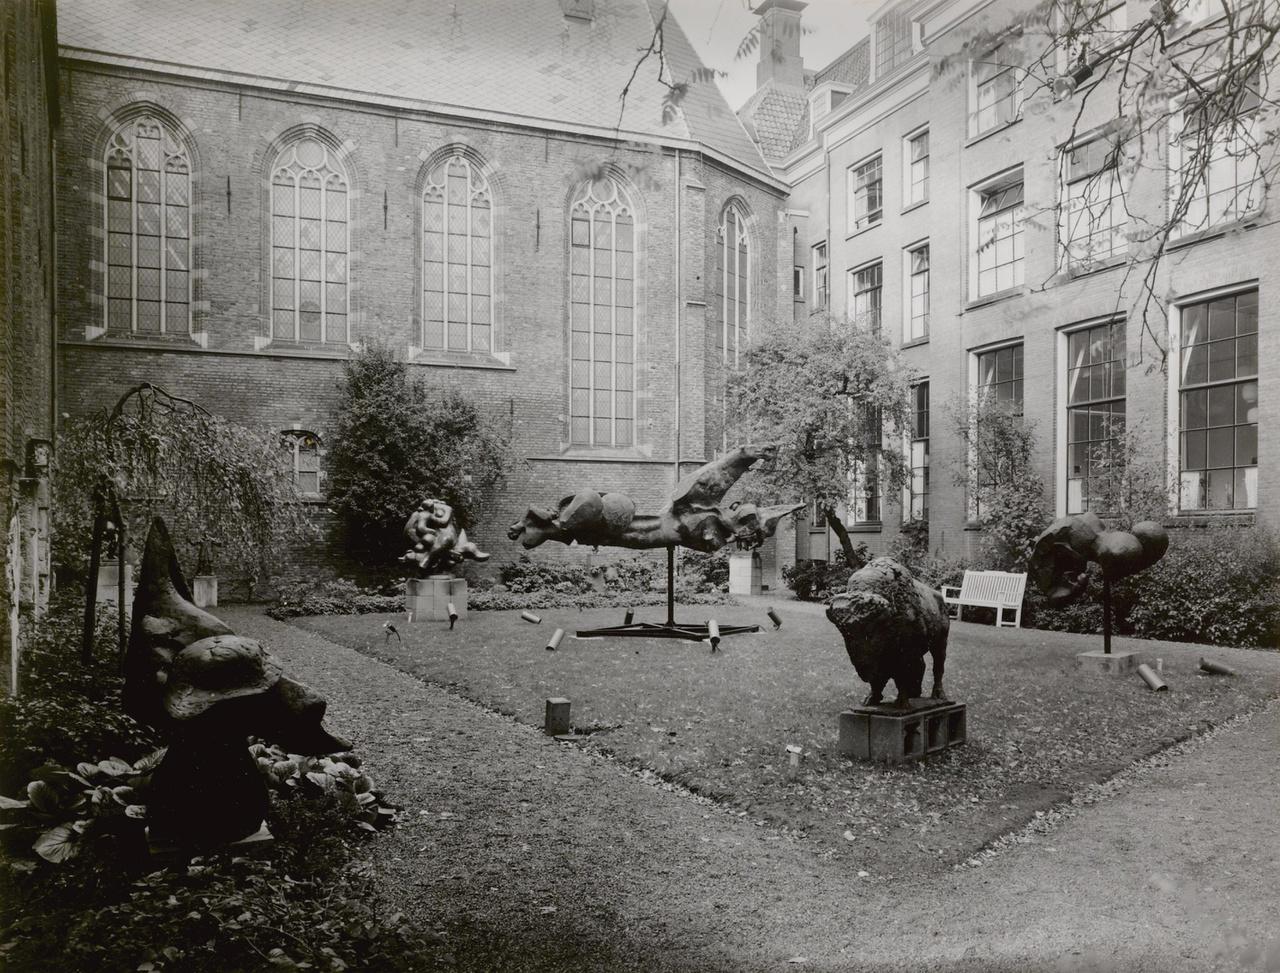 [Aangekochte sculpturen van tentoonstelling Nederlandse beeldhouwkunst '64-'69]